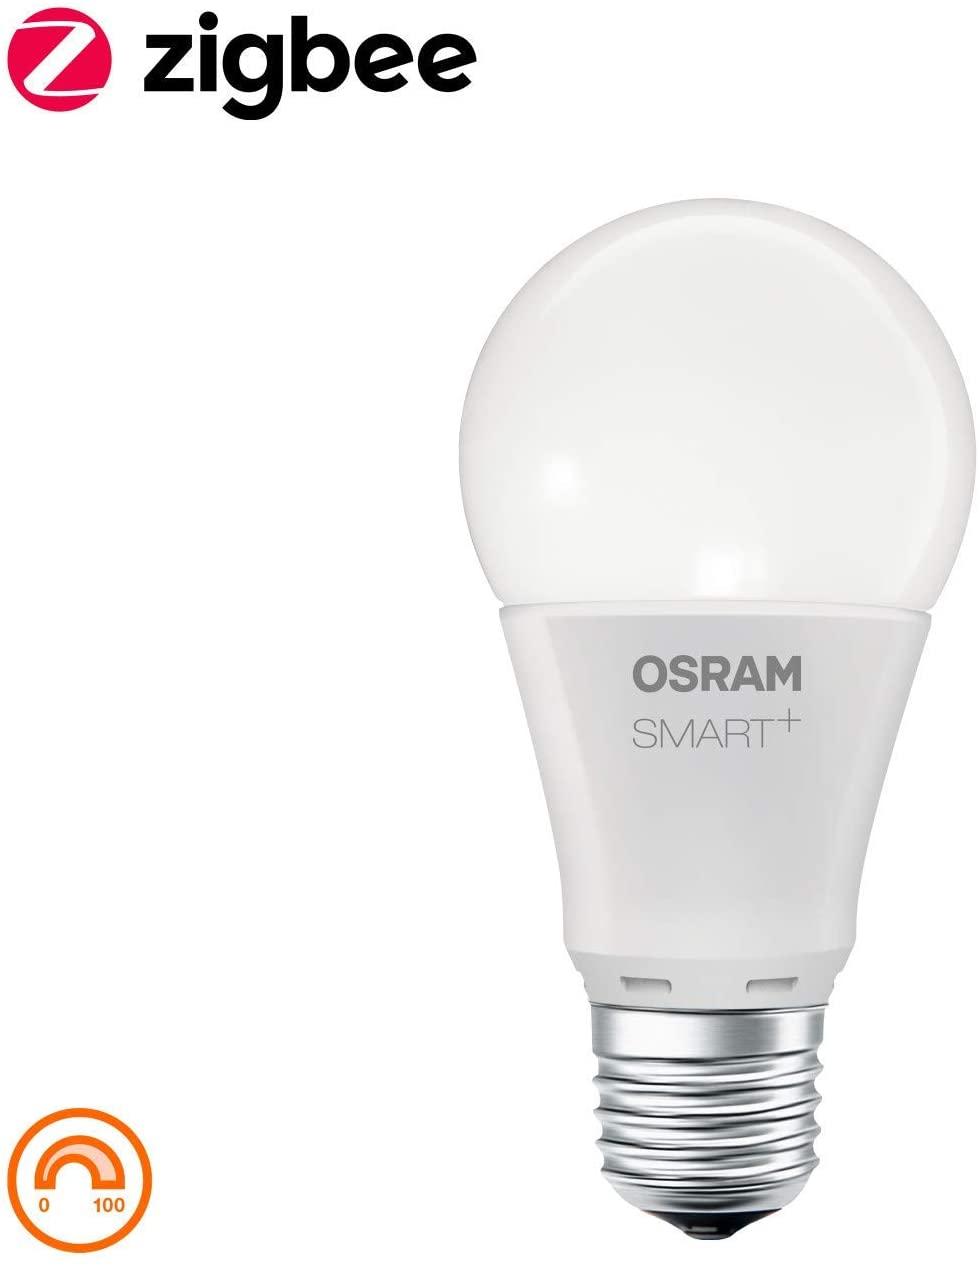 Osram Smart + zigebee LED Lampe amazon